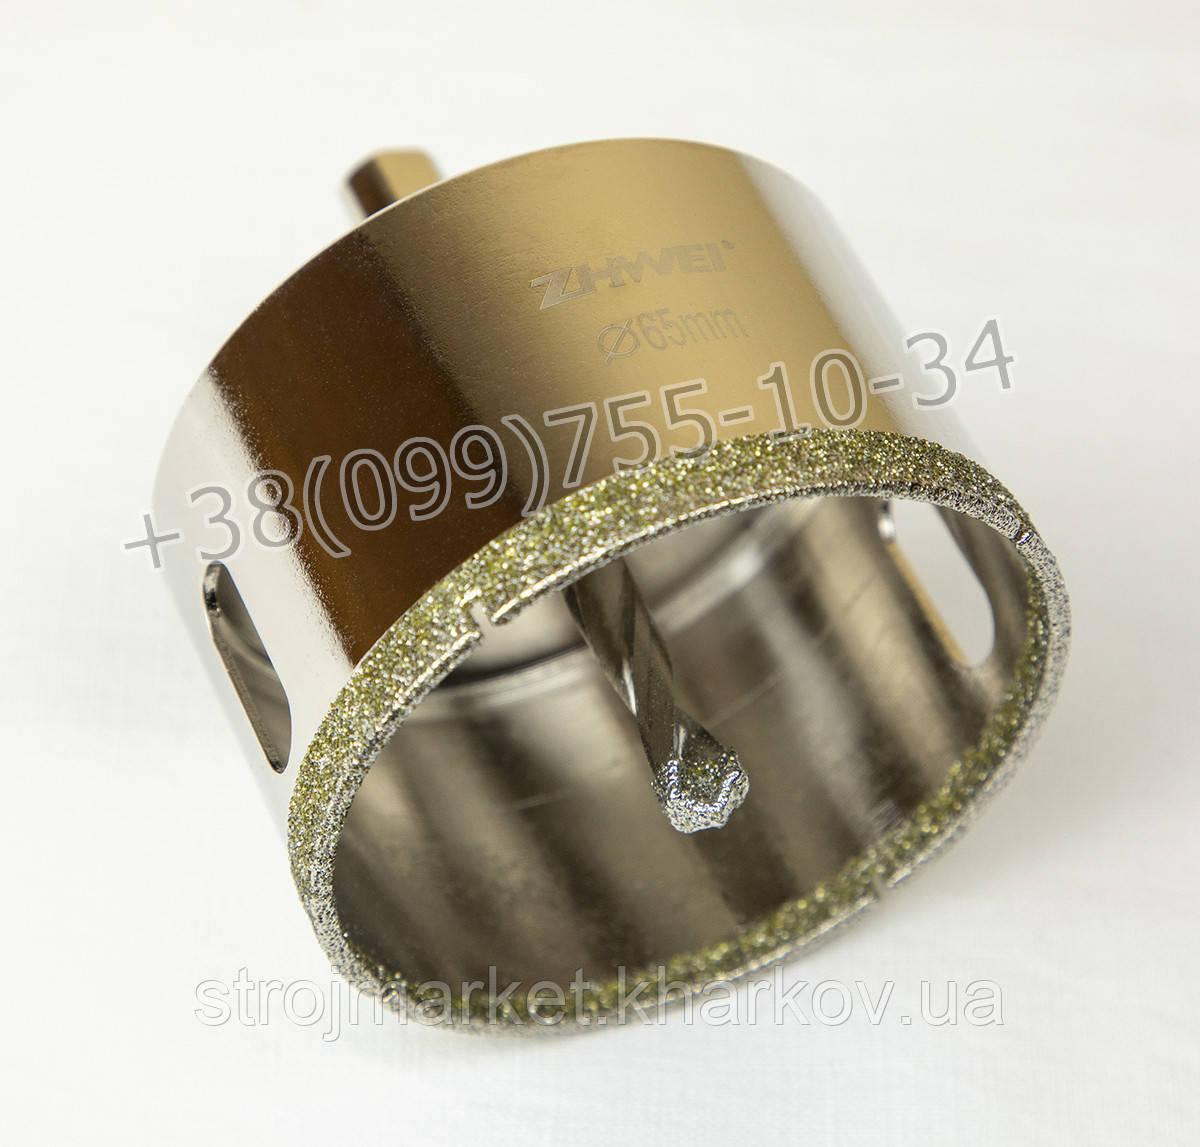 Алмазные коронки с сверлом ZHWEI 65мм